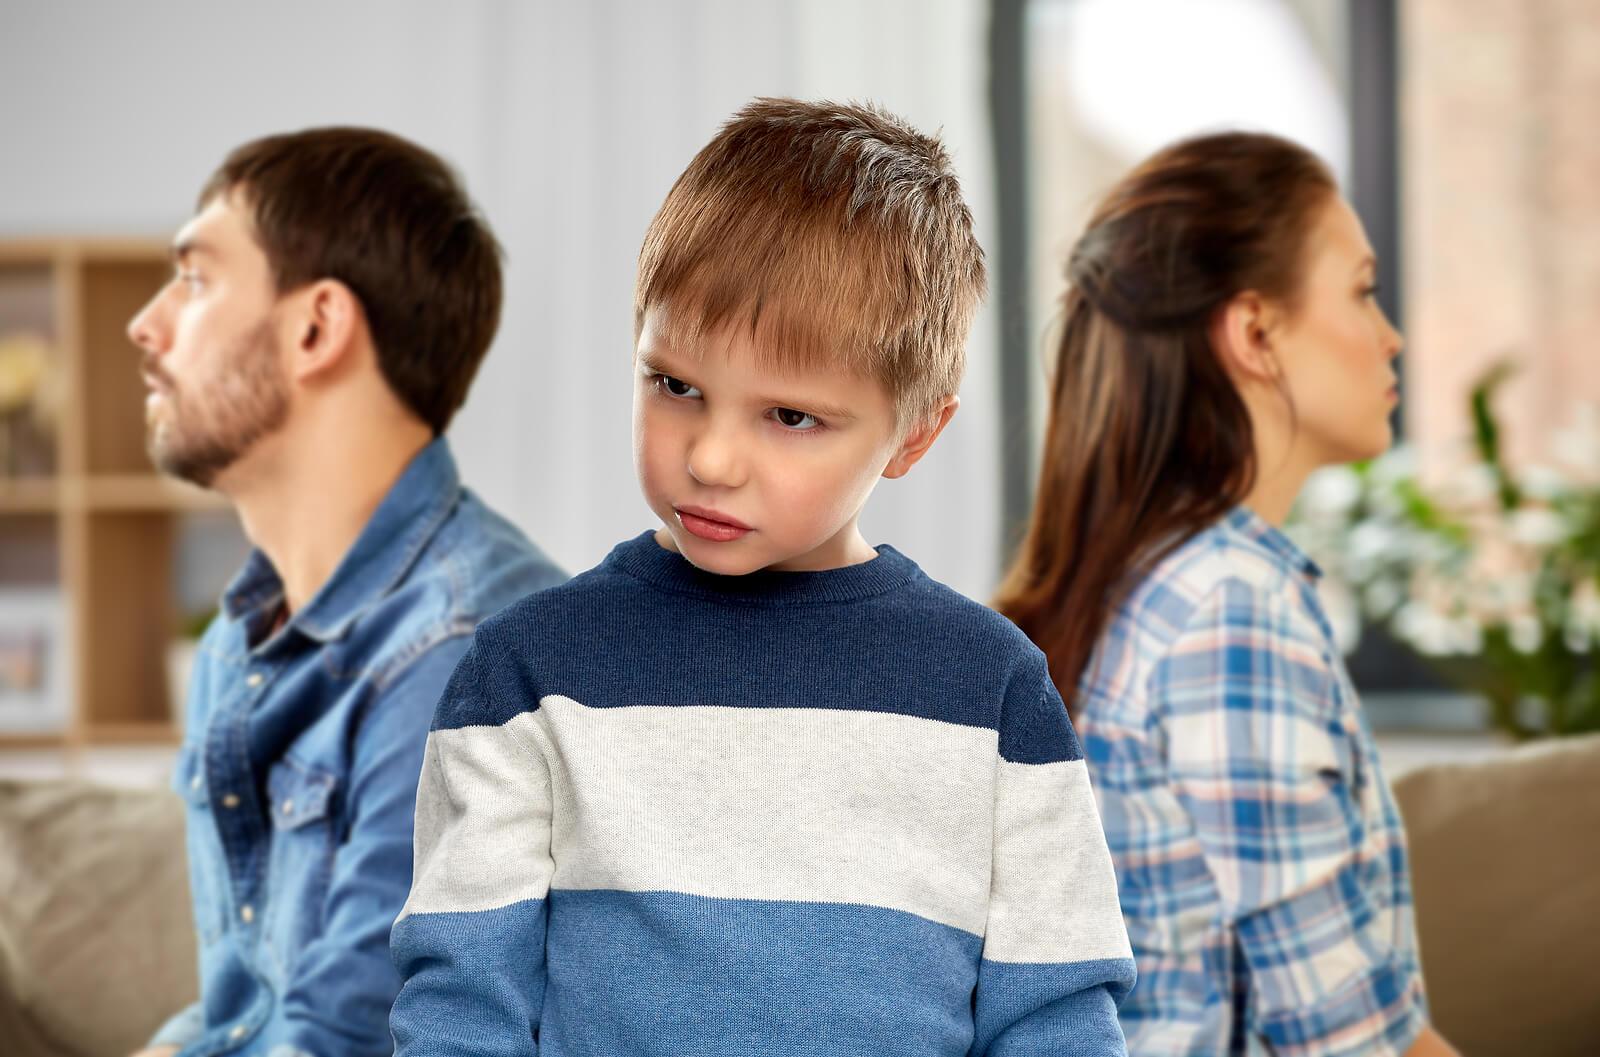 Hijo enfadado con sus padres, que no saben cómo corregir a los niños que insultan de forma efectiva.